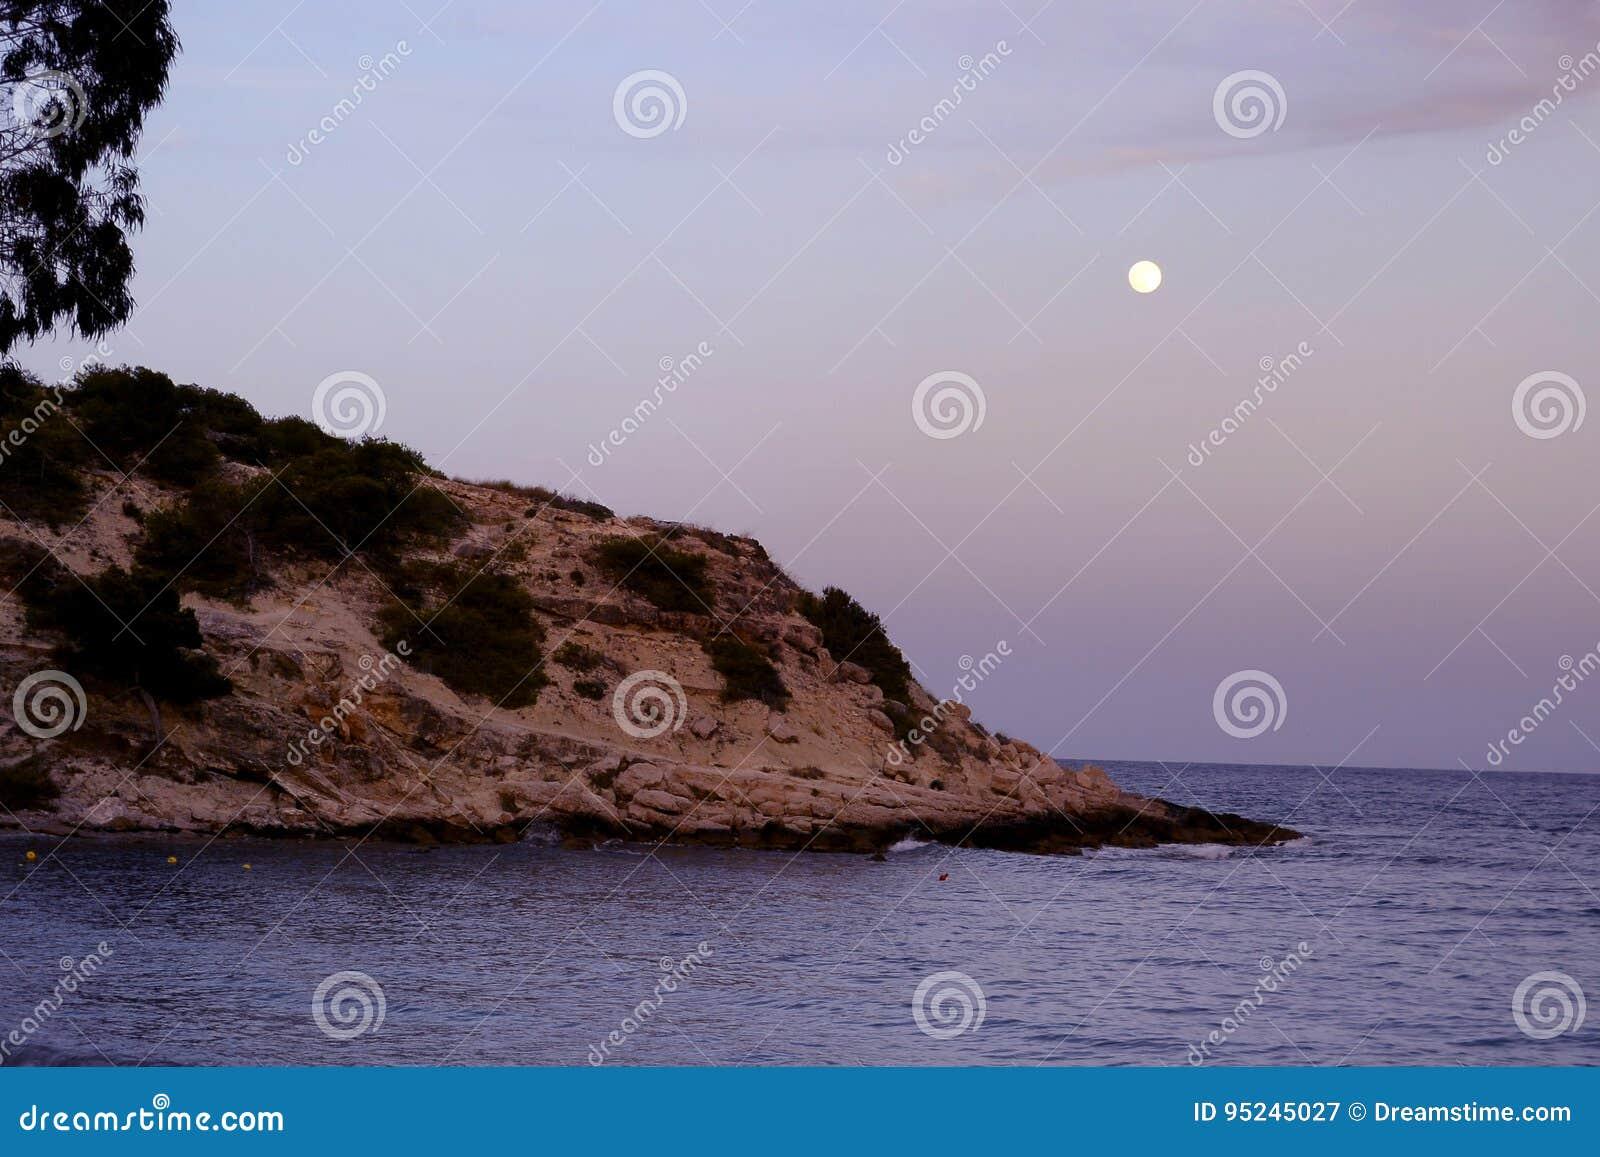 Księżyc w pełni na hiszpańskim wybrzeżu